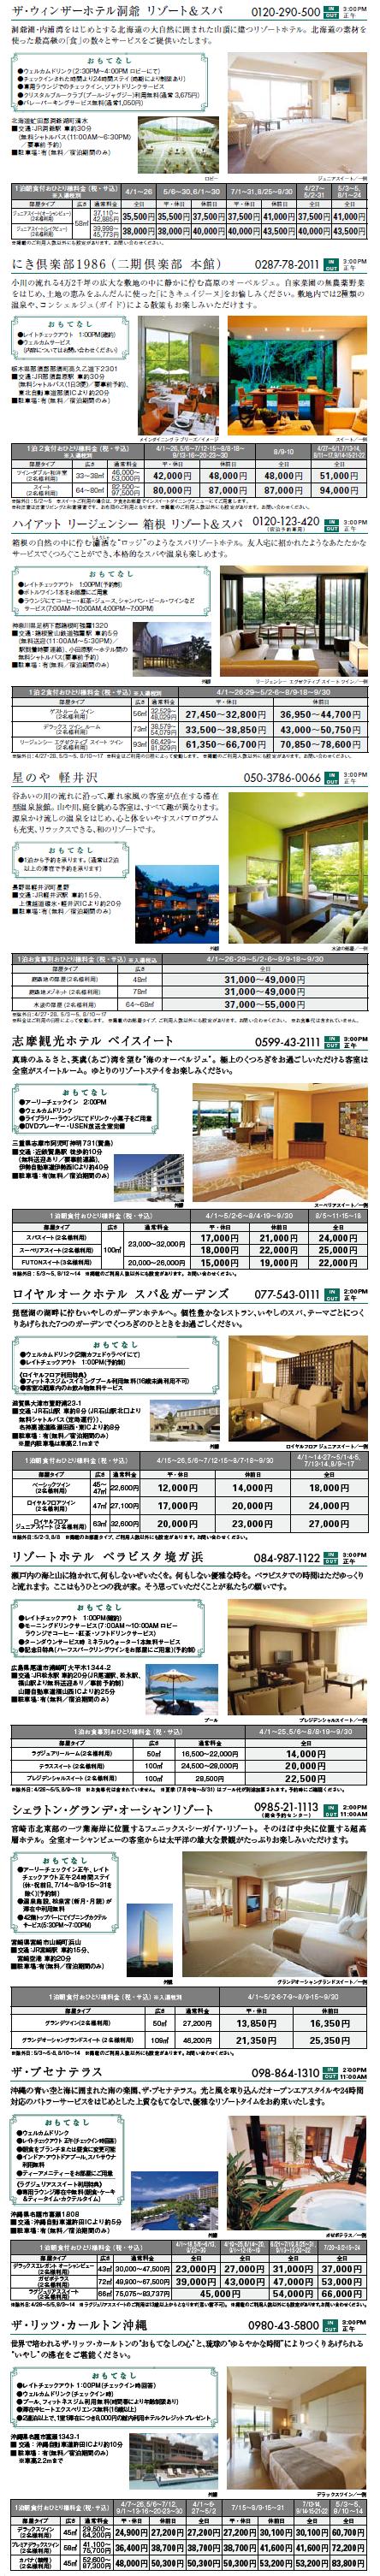 Resoet Hotel Plan